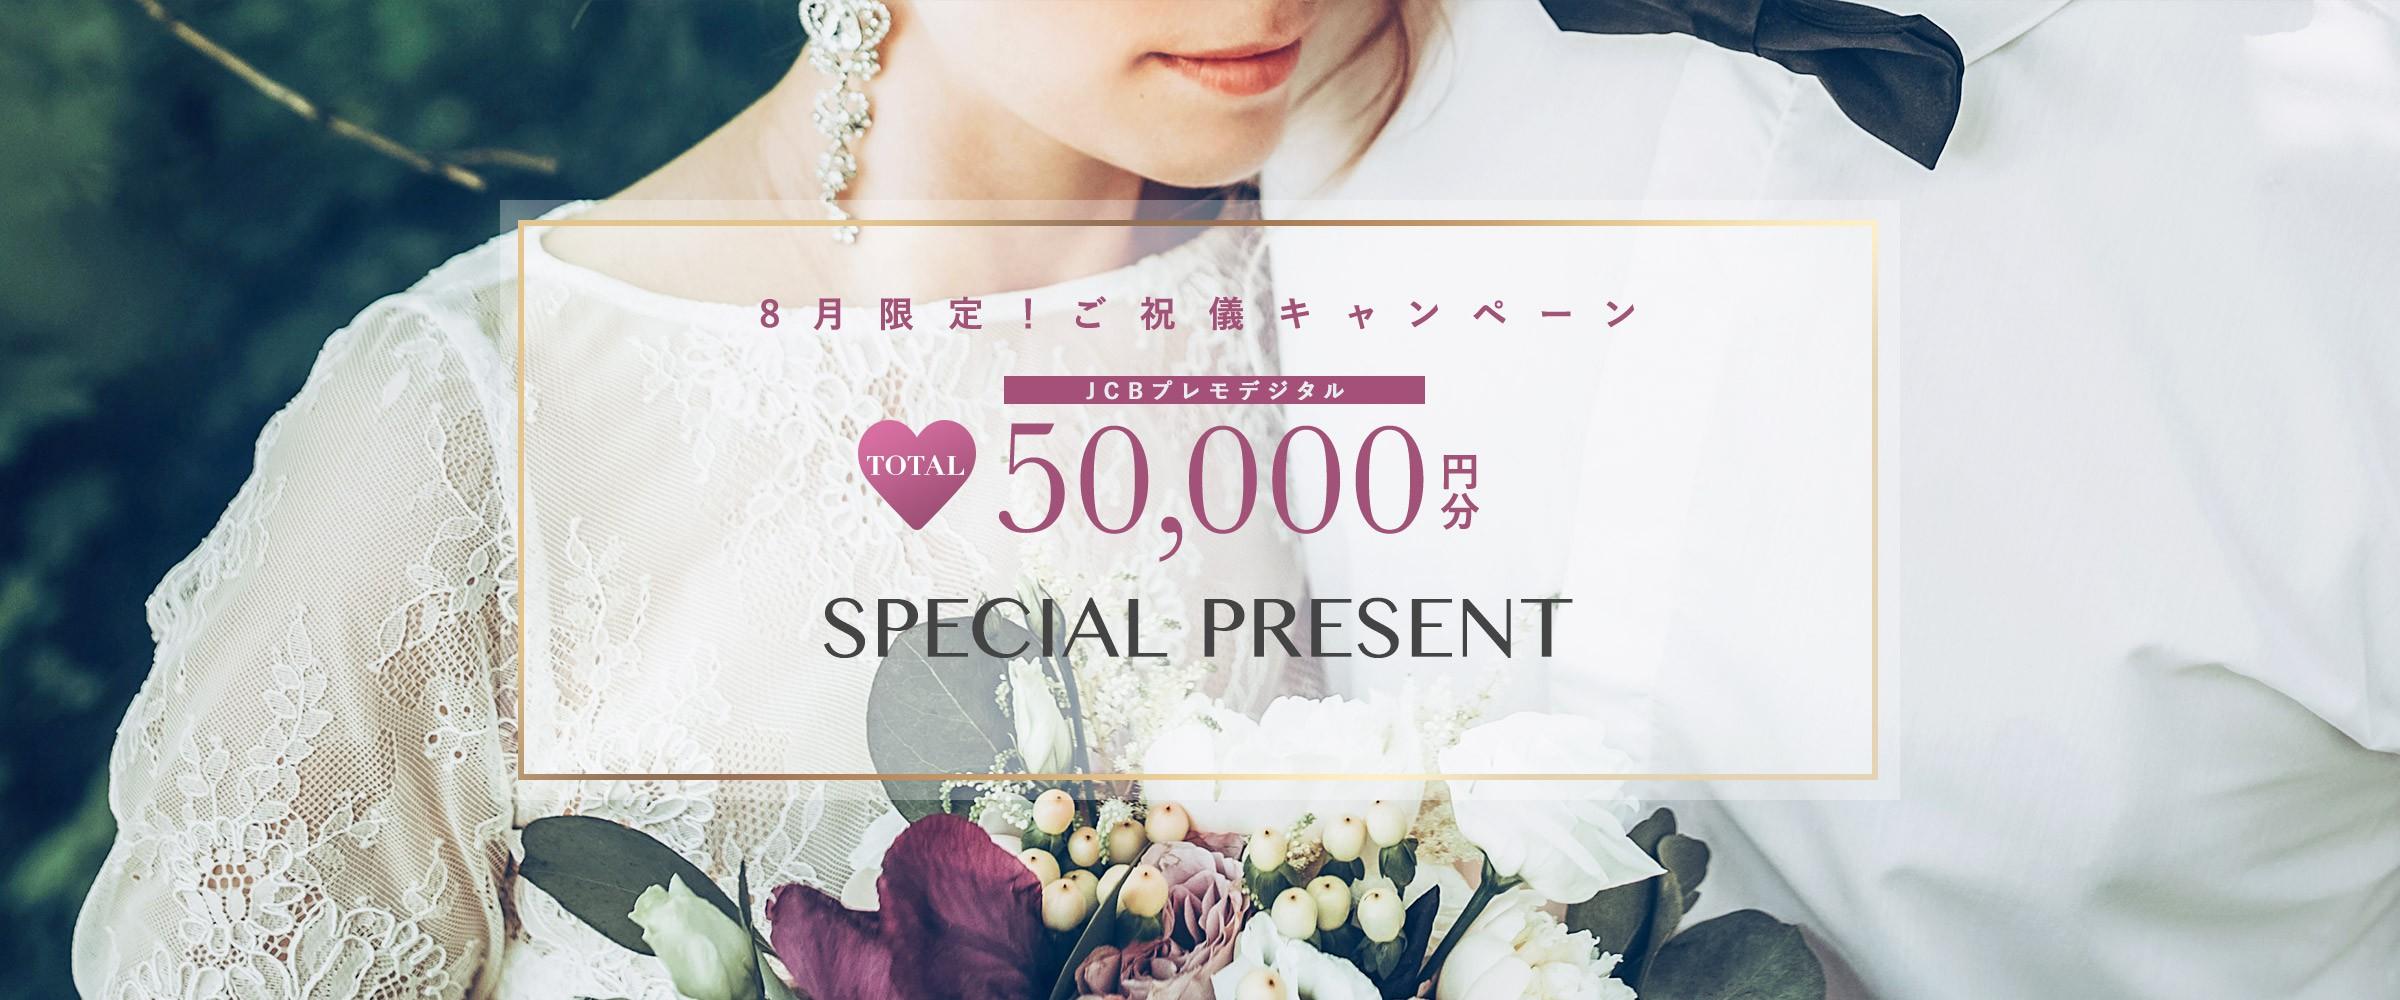 8月限定!ご祝儀キャンペーン最大50,000分JCBプレモデジタルSPECIAL PRESENT